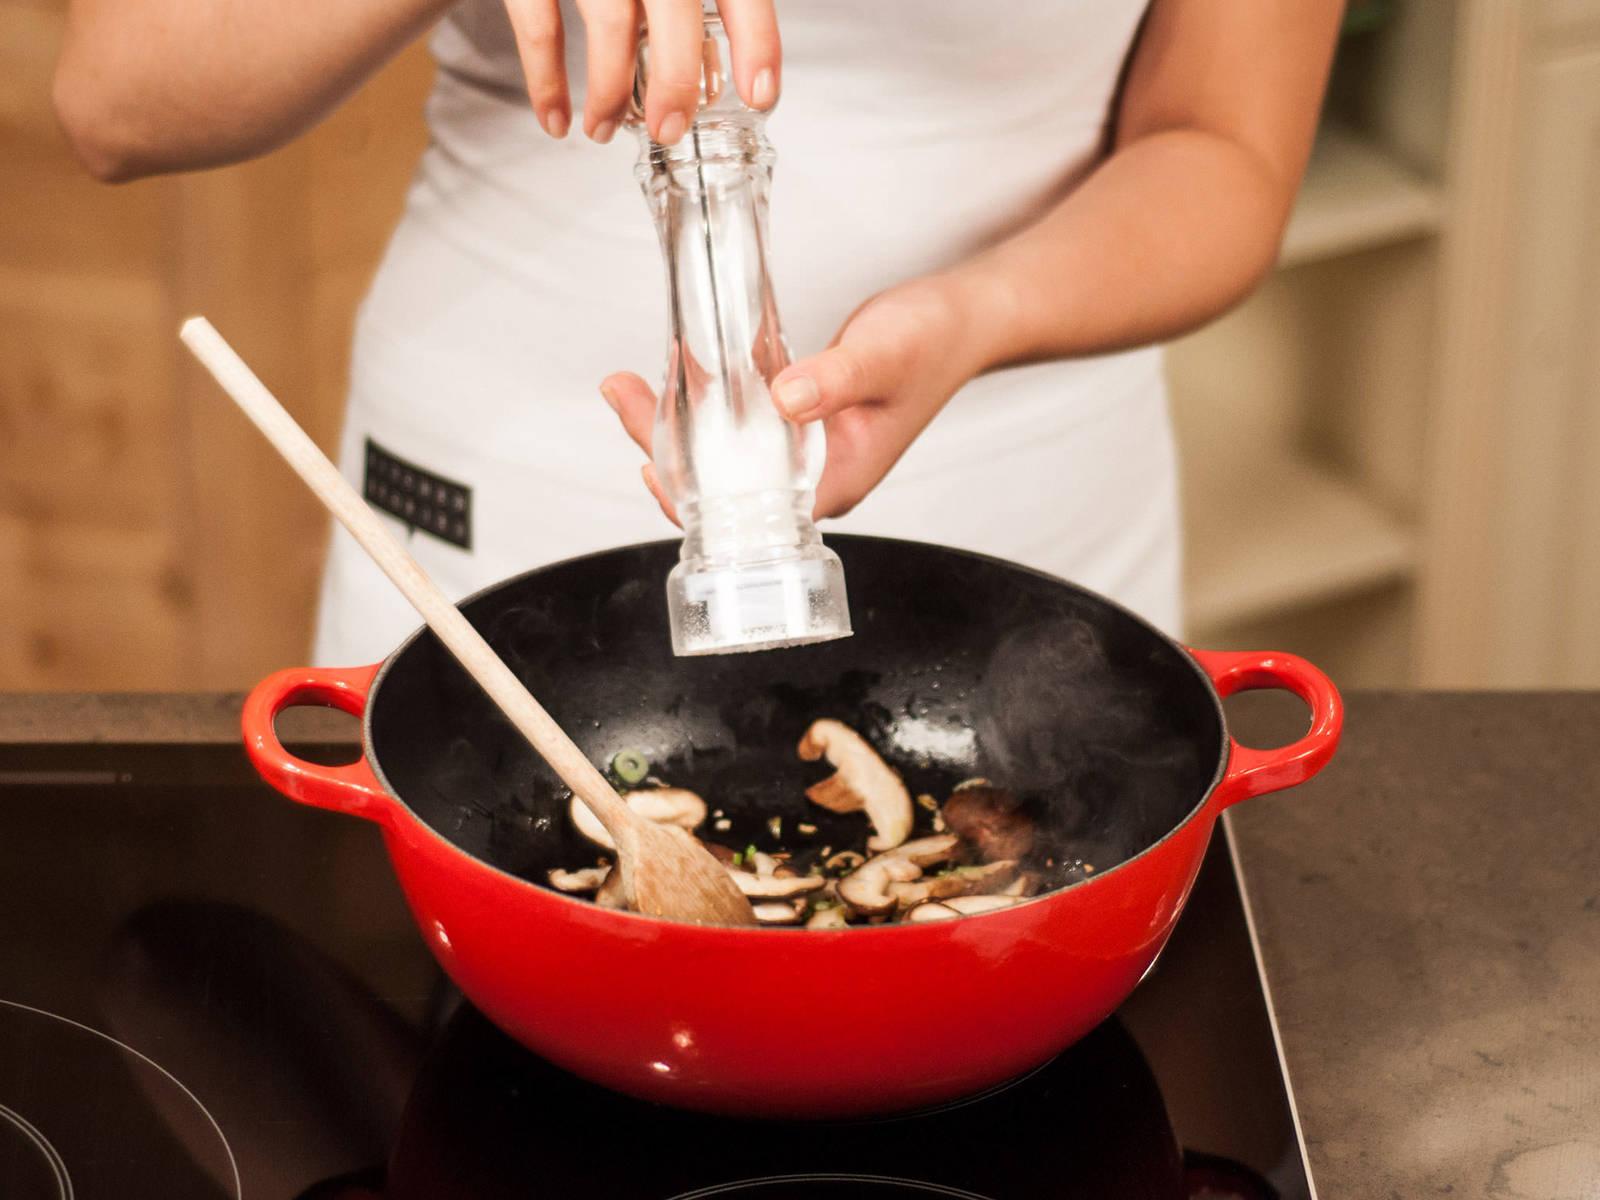 Pilze in die Pfanne geben und ca. 1 – 2 Min. mitbraten. Nach Geschmack mit Salz und Pfeffer würzen.